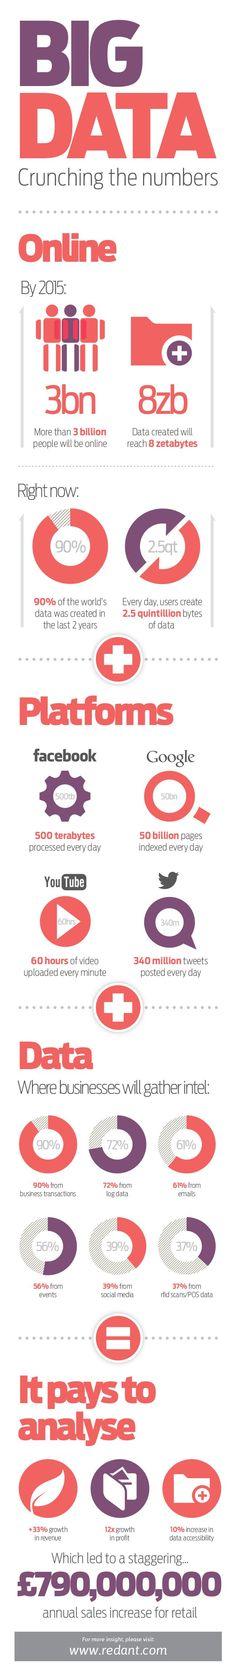 Big Data Crunching Numbers #bigdata